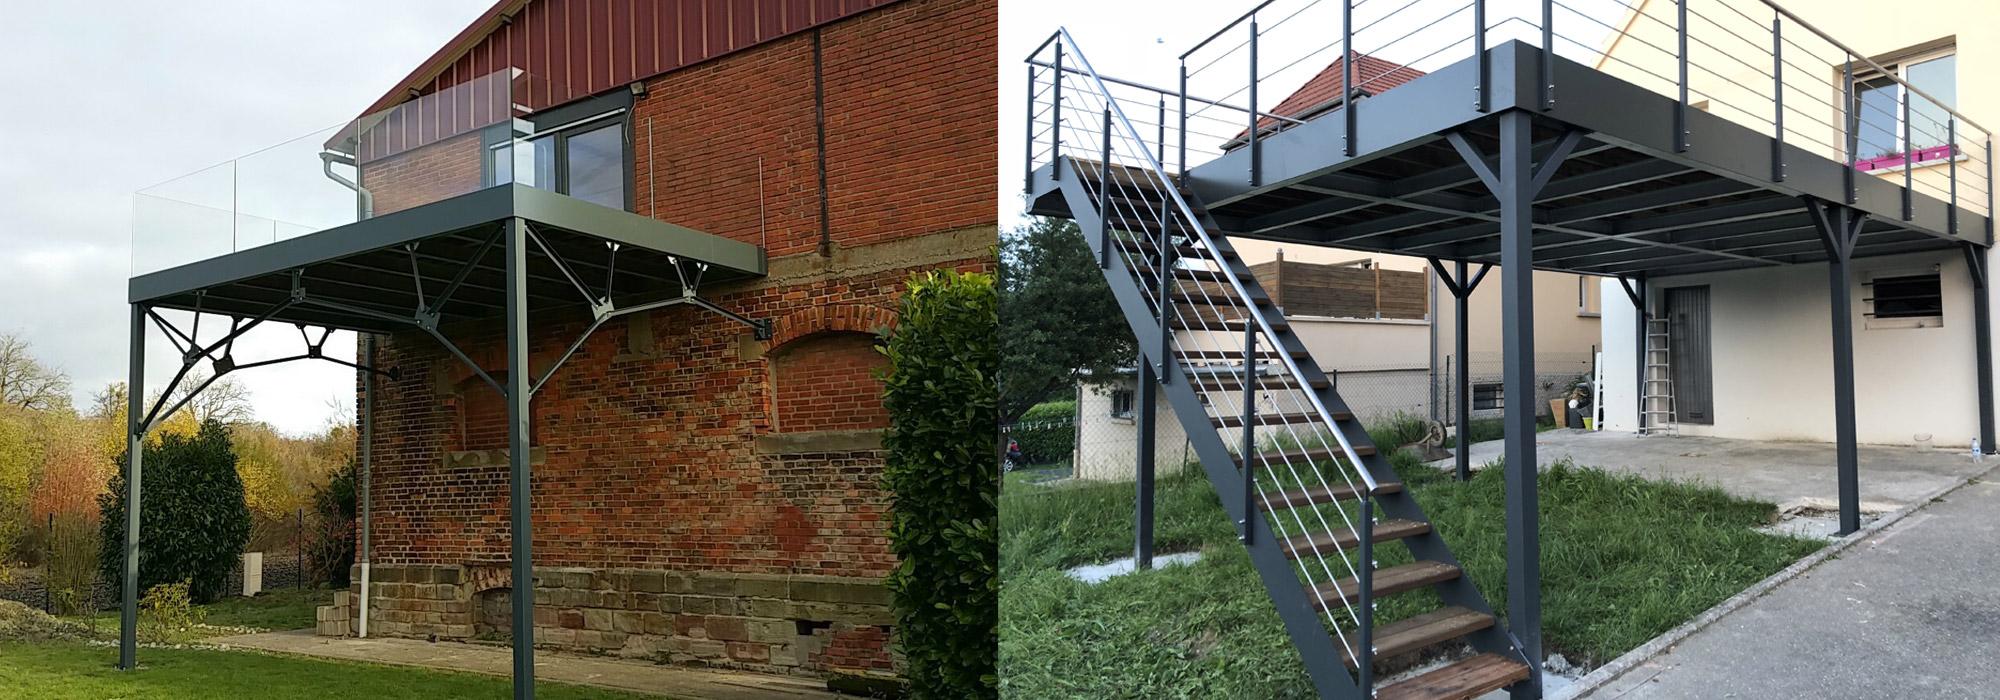 Fabricant Concepteur De Terrasses Et Balcons Suspendus En